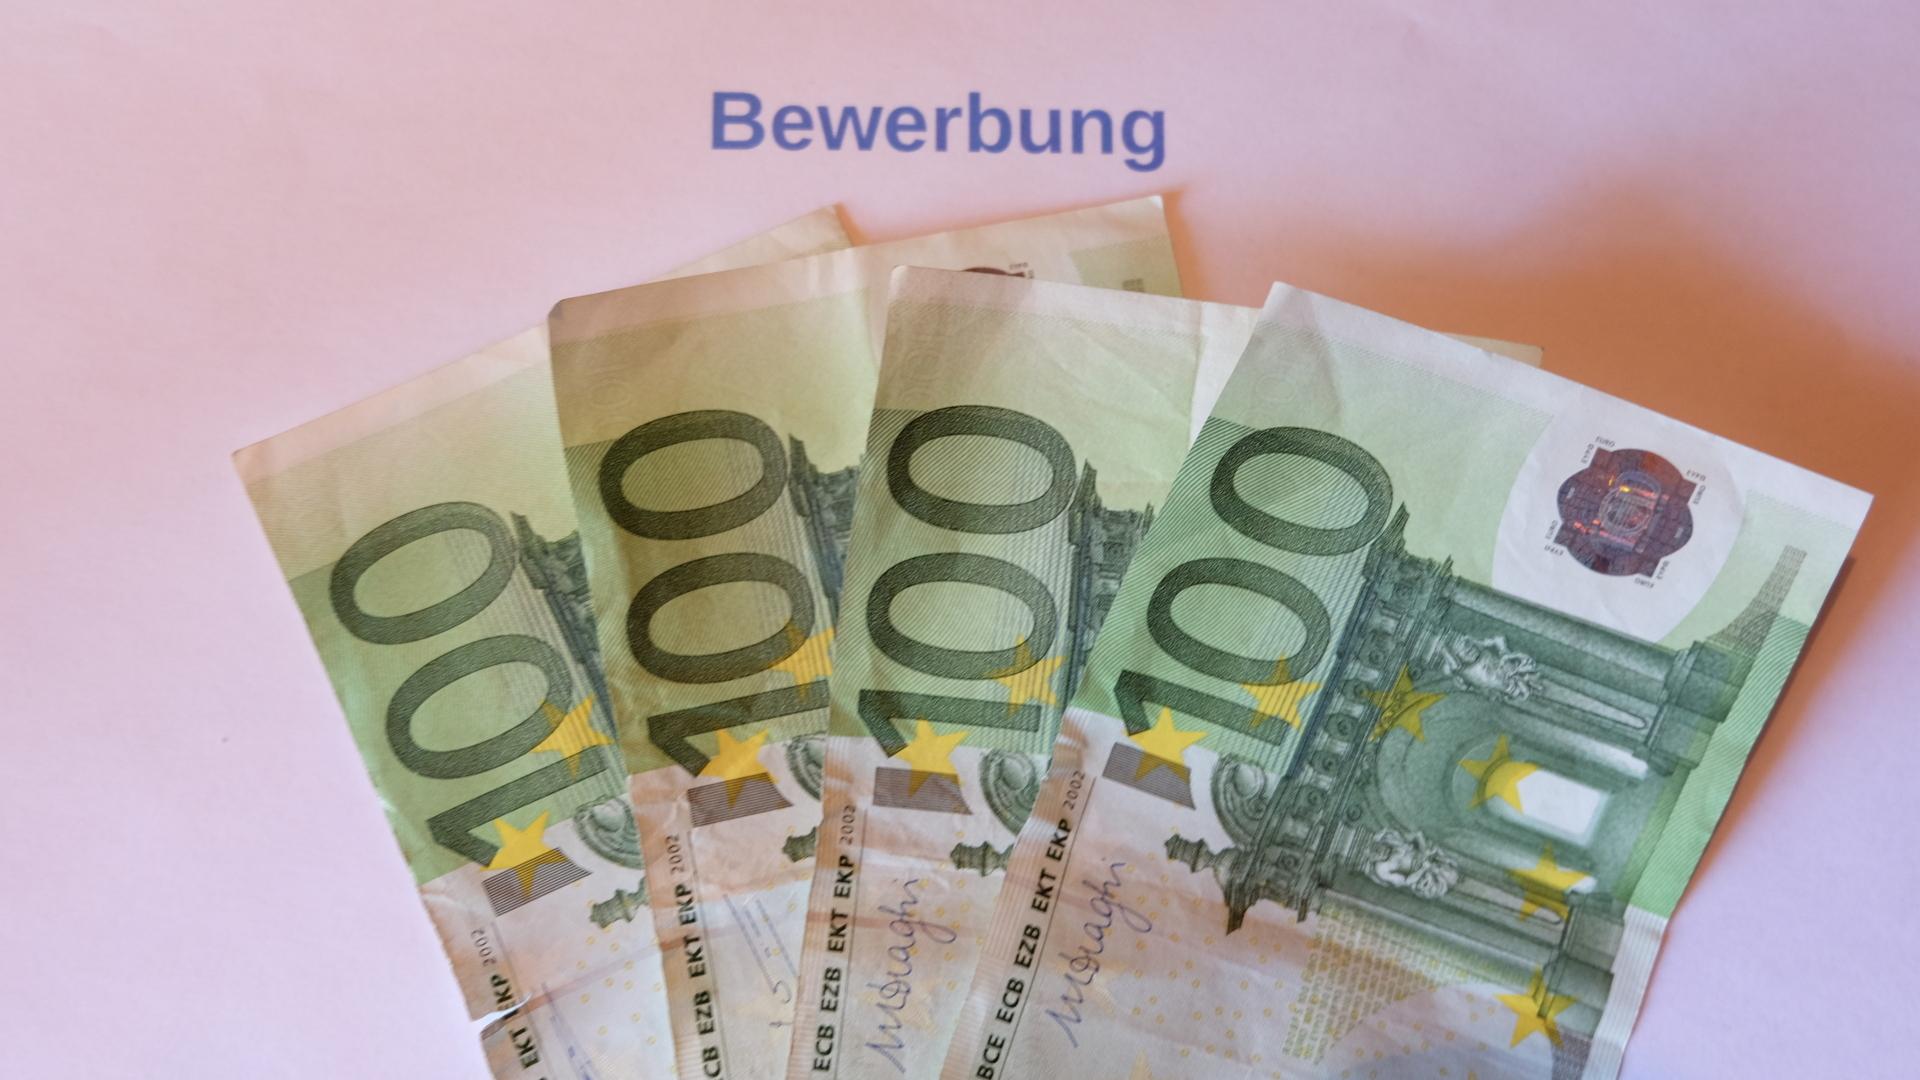 Bewerbungsgebühr-100 Euro Scheine-Geld-Bewerbungsschreiben.